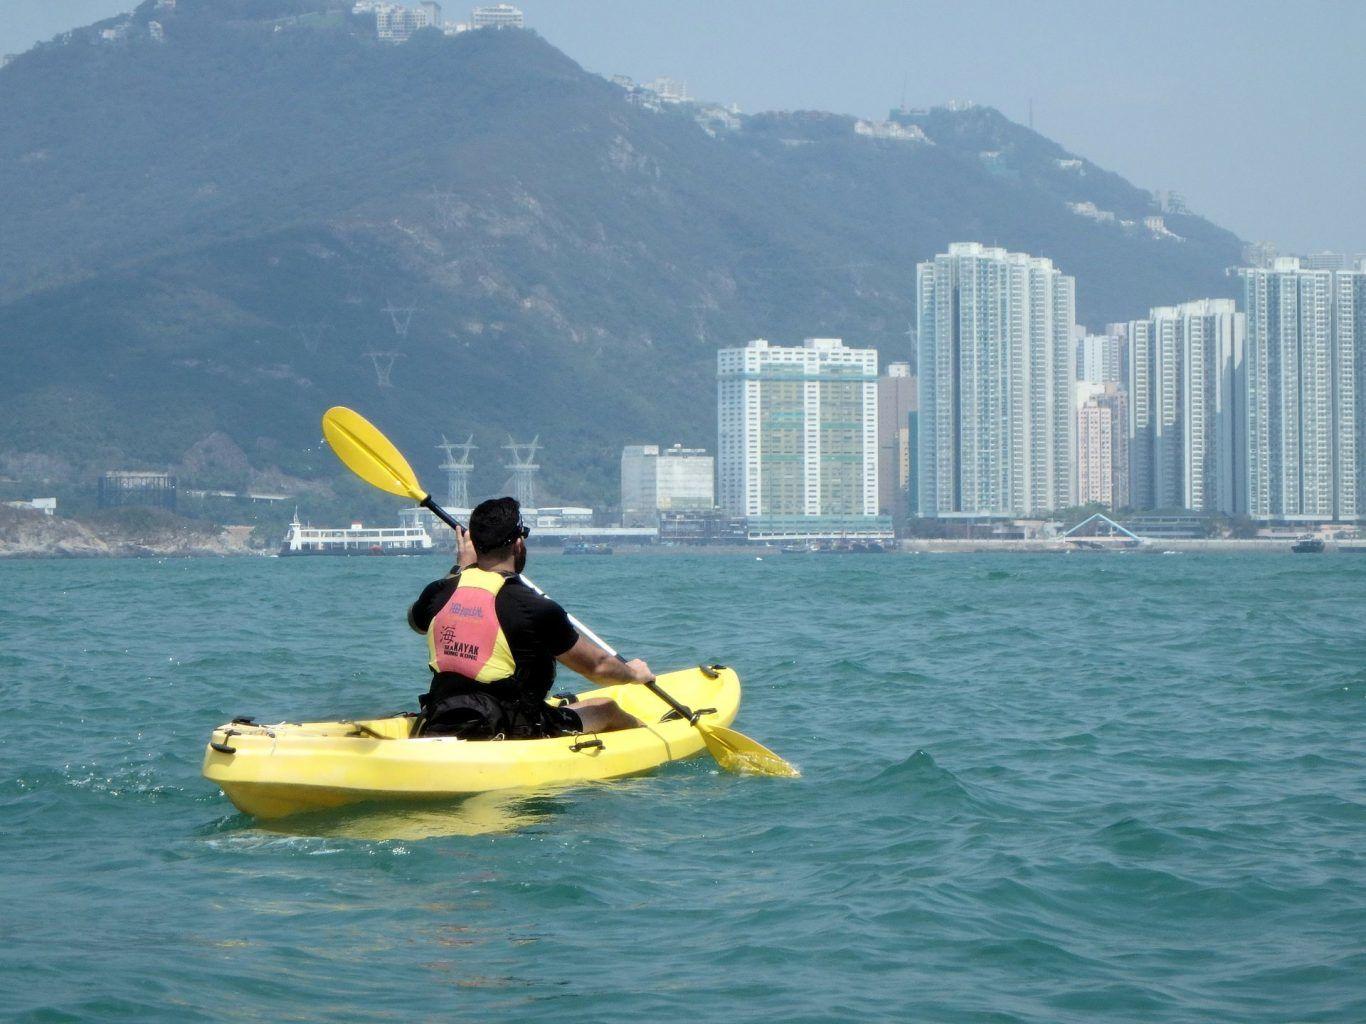 kayaking passed Hong Kong Island